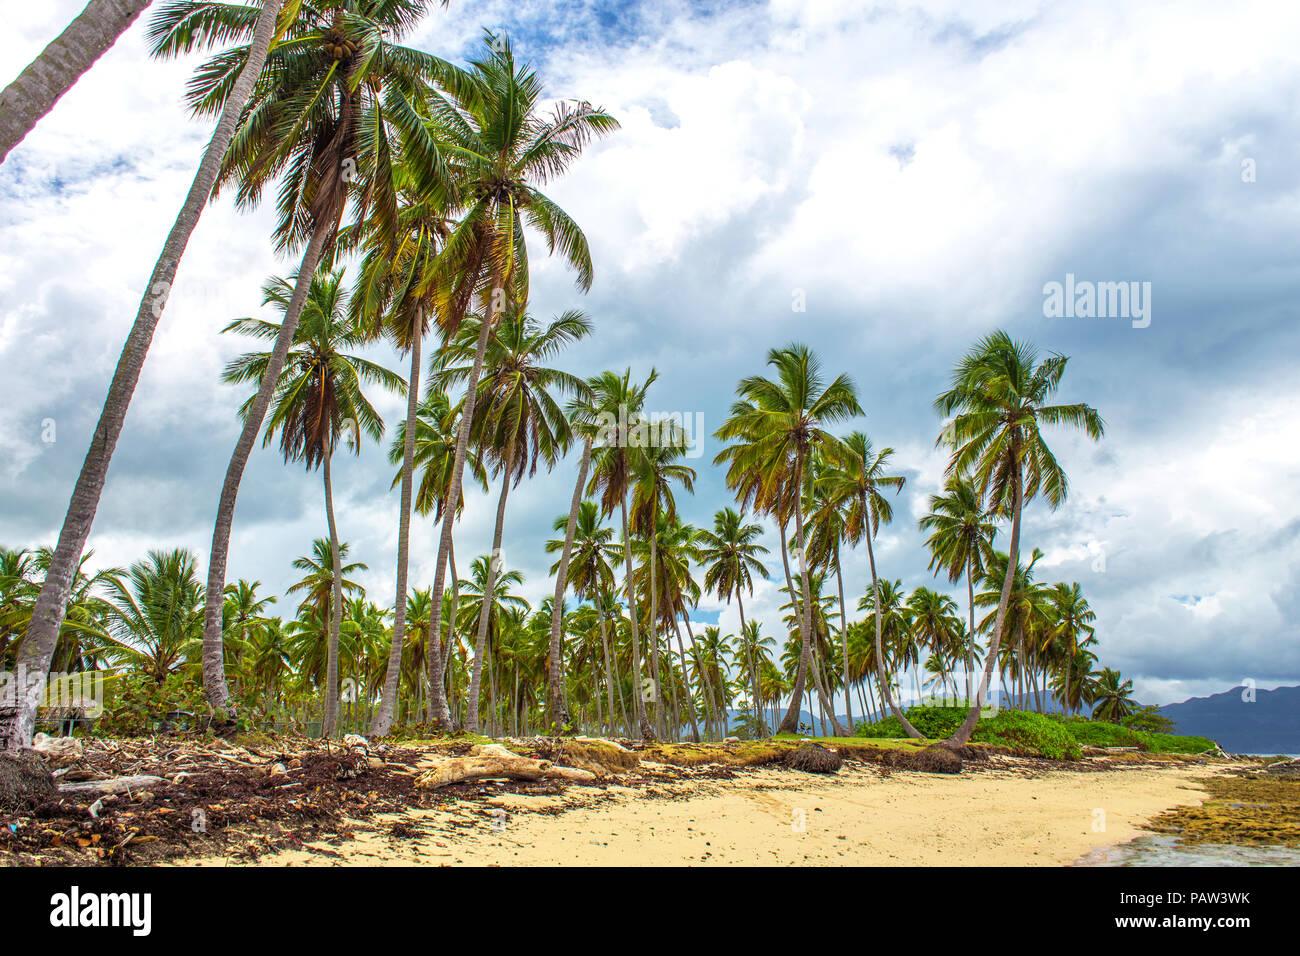 Plage tropicale avec des palmiers, du sable et des algues sur le fond de ciel gris avec des nuages. Tempête des Caraïbes Photo Stock